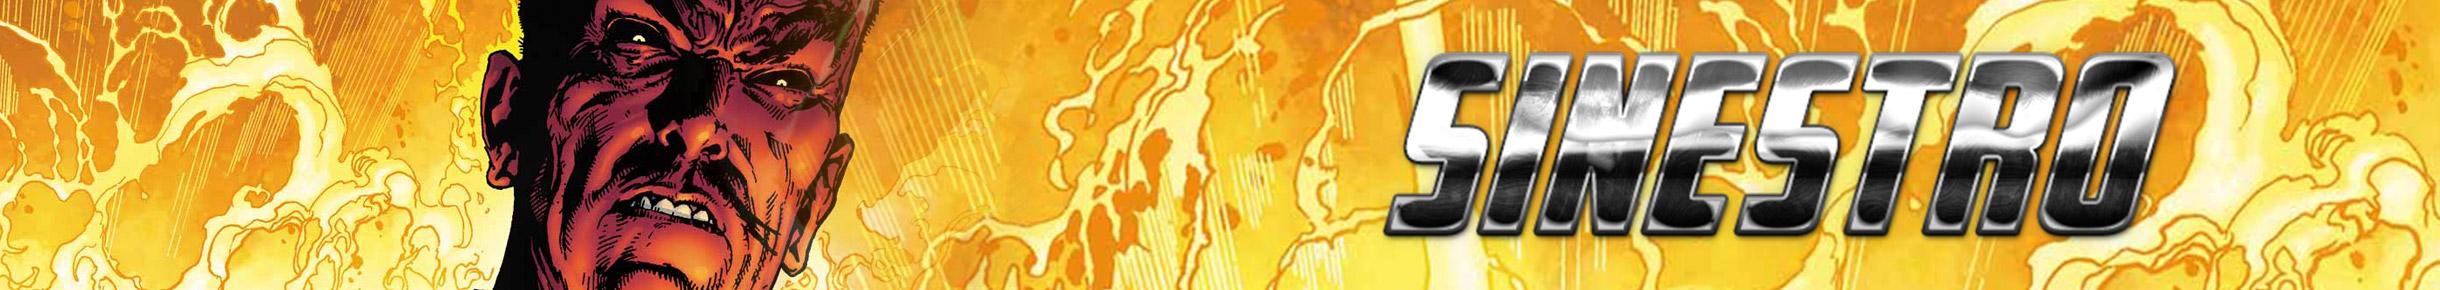 Sinestro Merchandise Banner